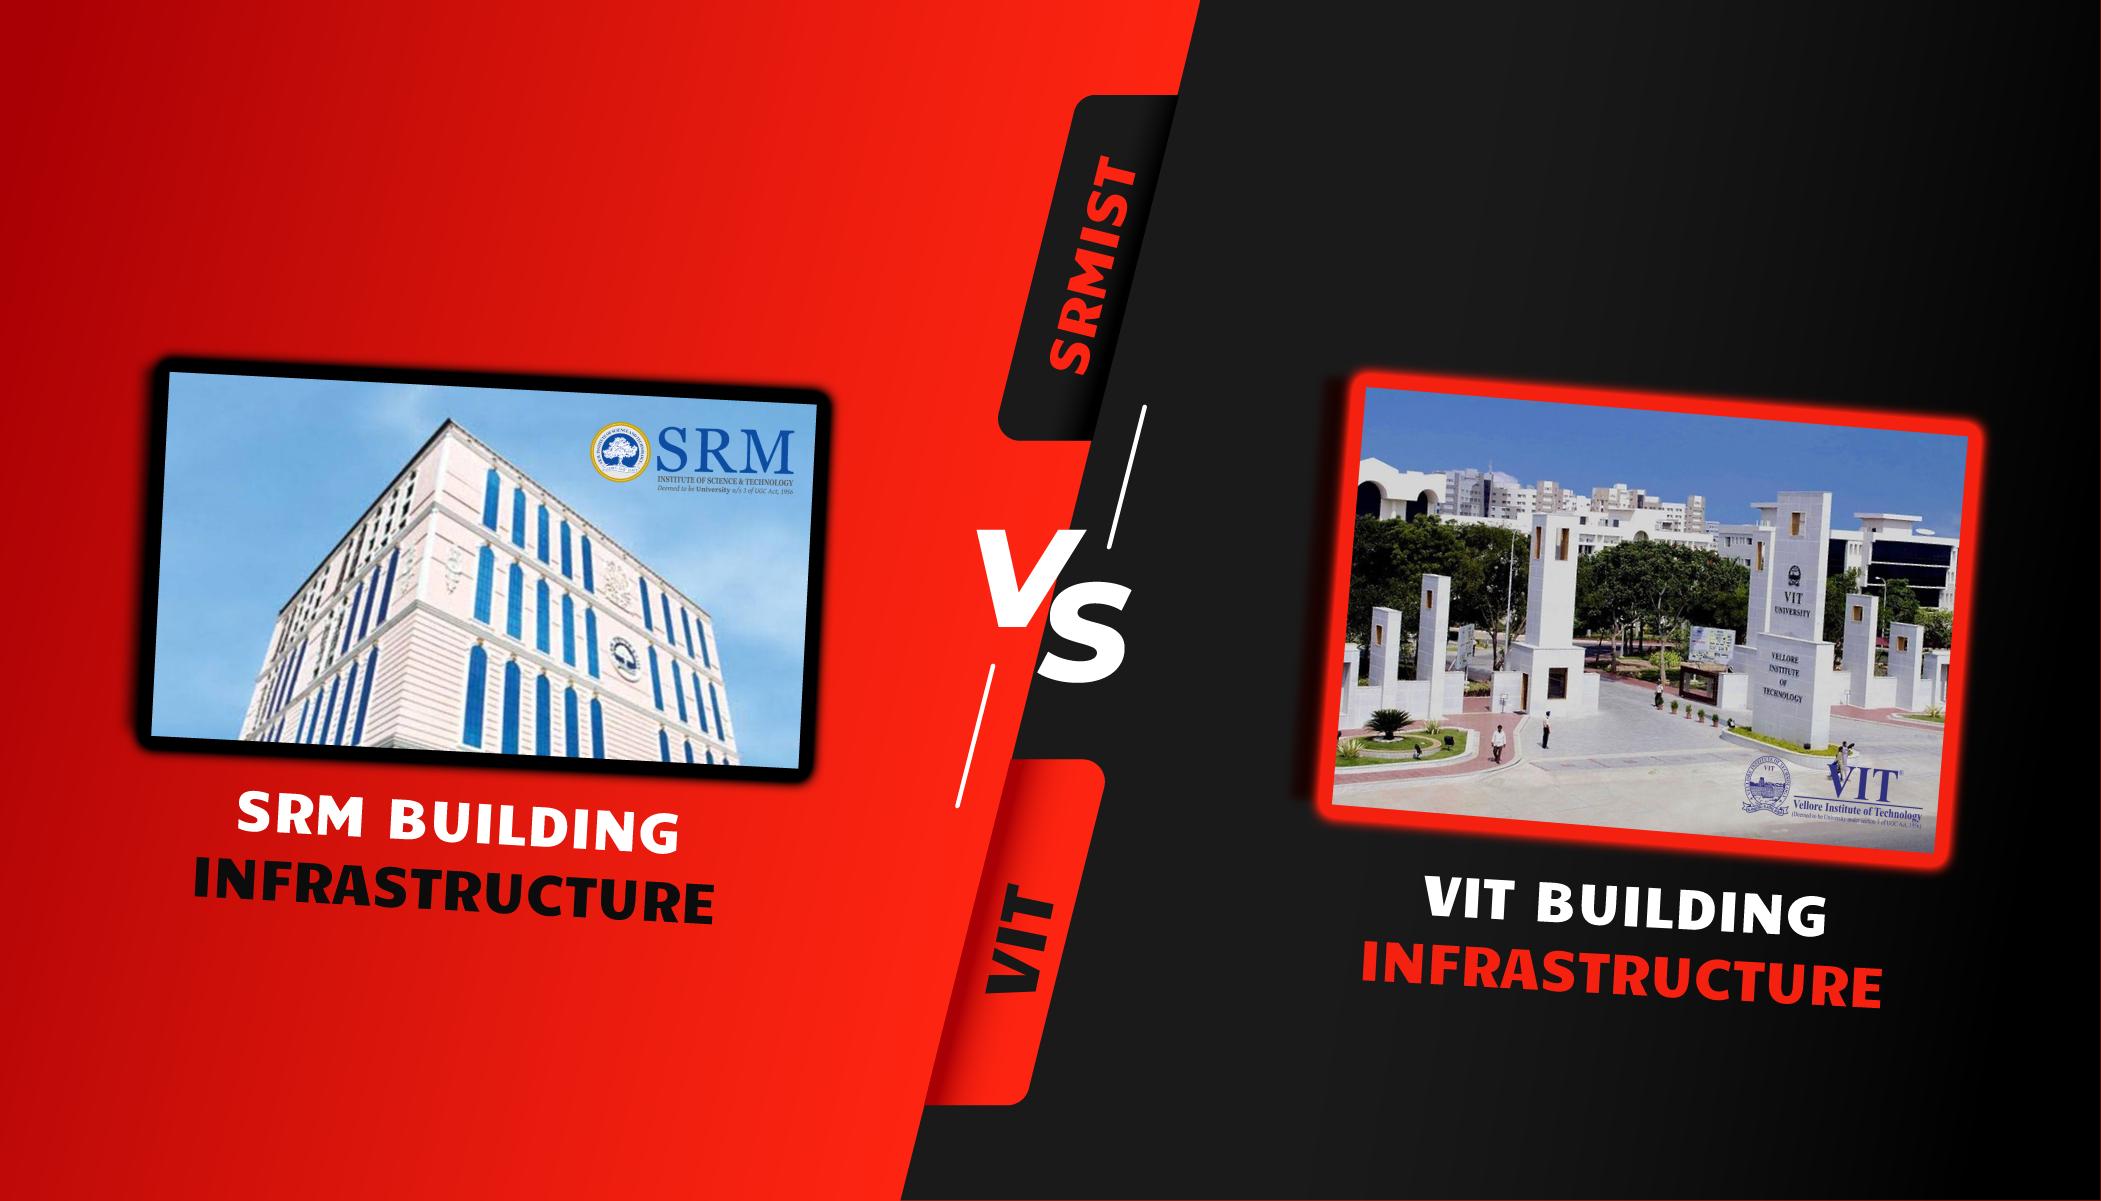 srm vs vit infrastructure